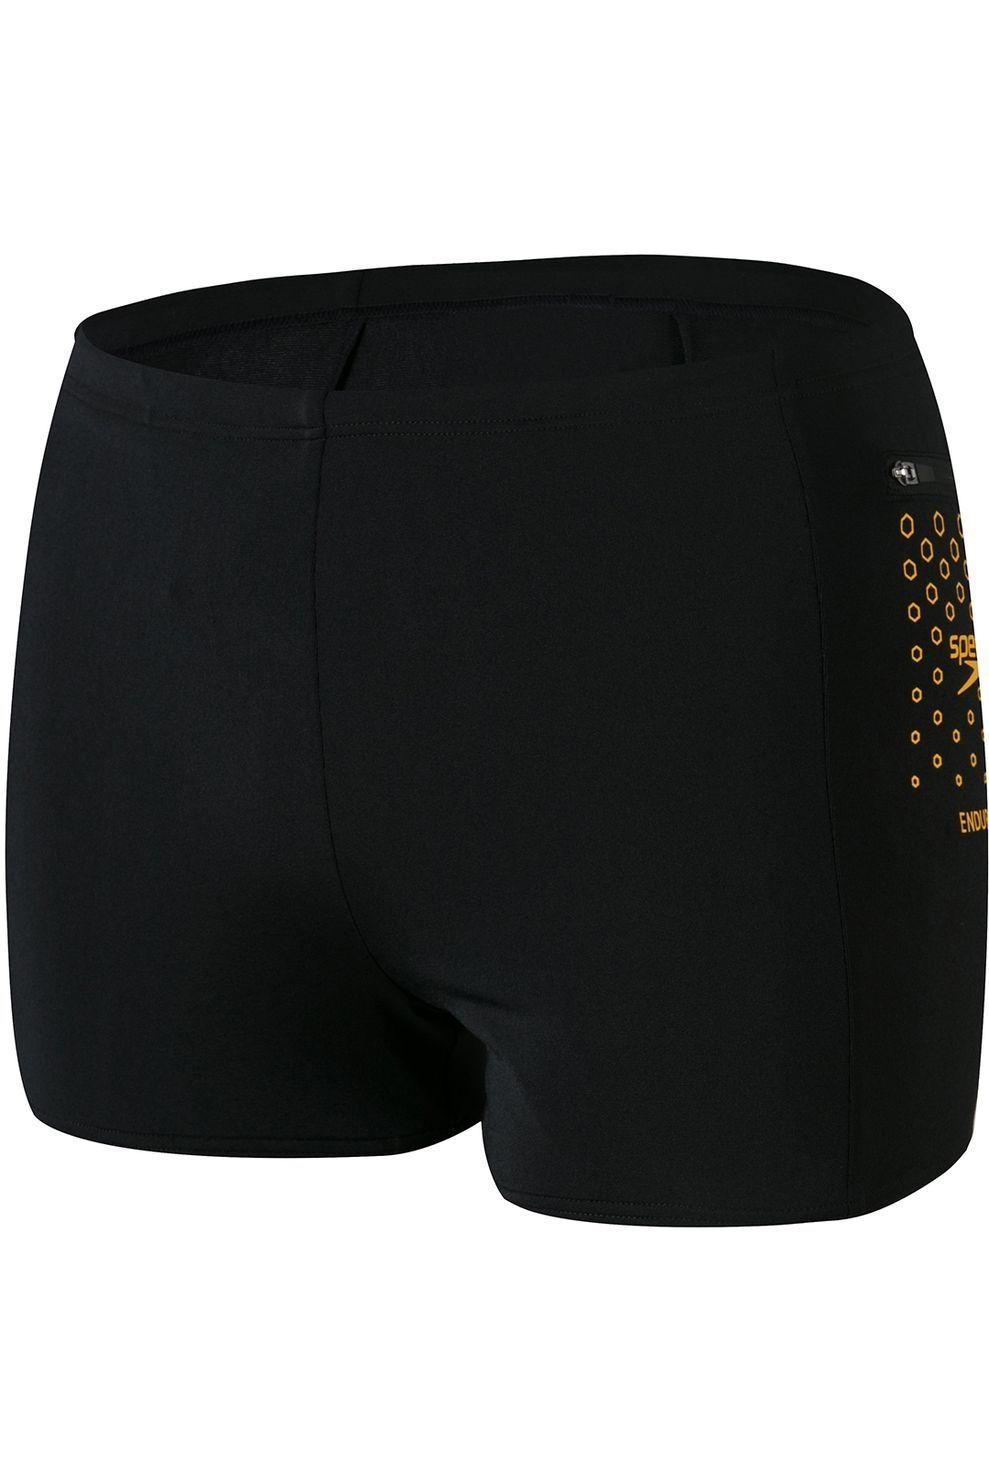 Speedo Slip Pocket Aquashort voor heren - Zwart/Oranje - Maten: 30, 32, 34, 36, 38, 40